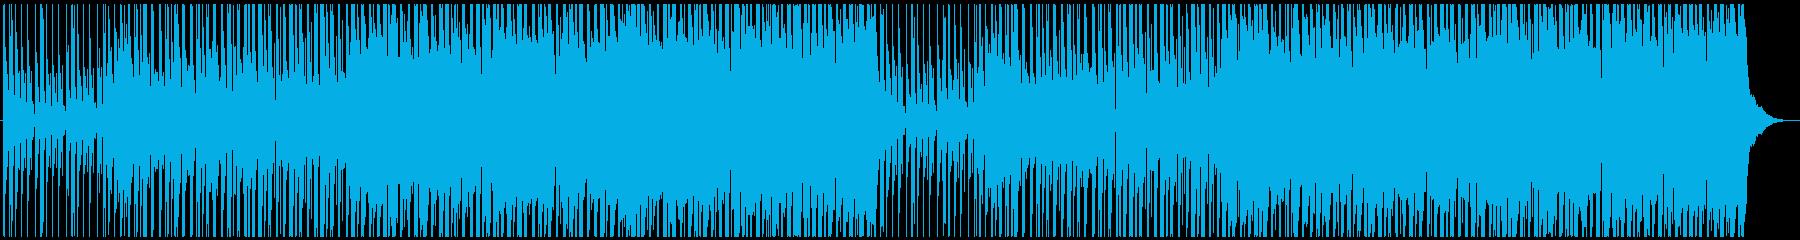 動画やCMに!夏の夕暮れトロピカルハウスの再生済みの波形